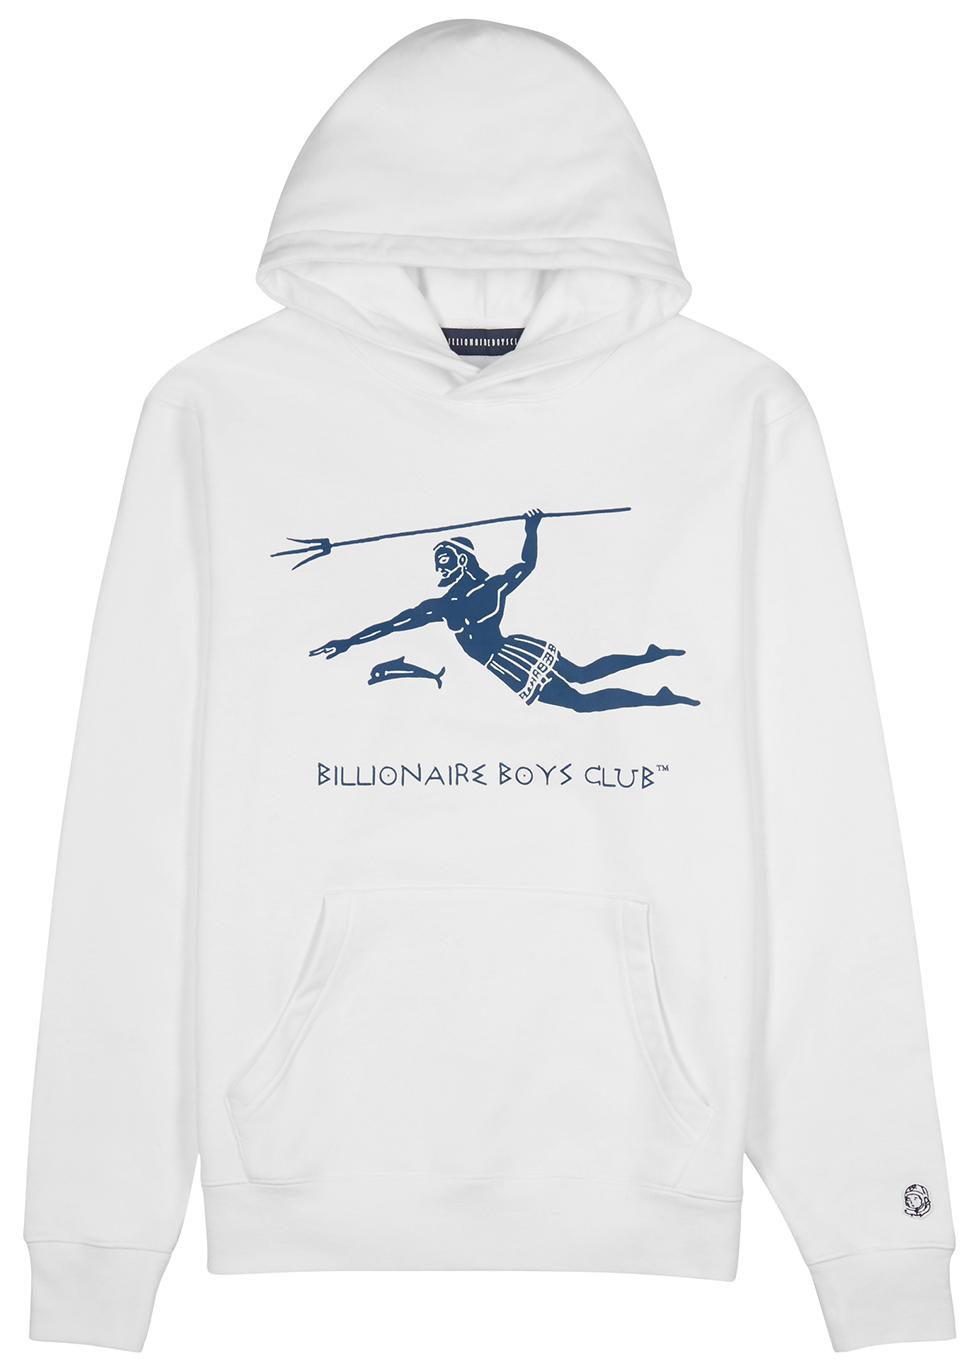 Billionaire Boys Club Neptune white jersey sweatshirt